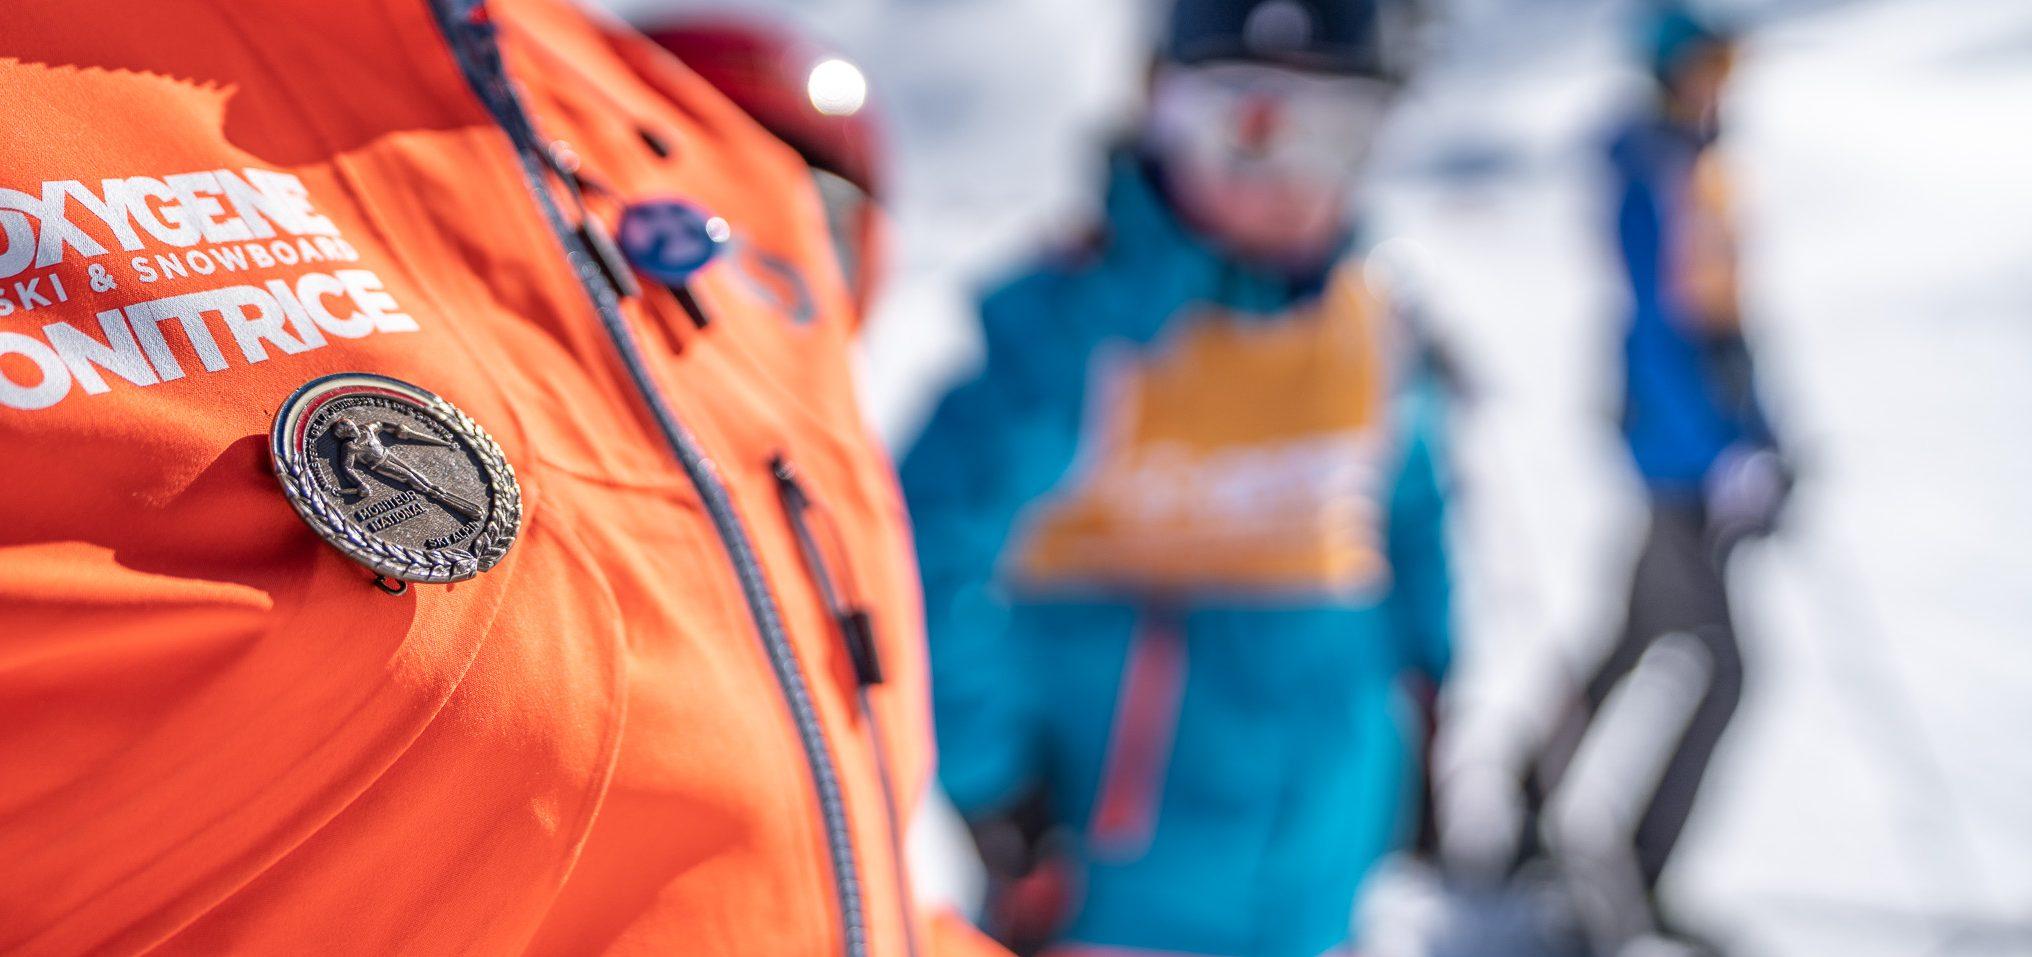 médaille de moniteur de ski alpin national diplome d'état